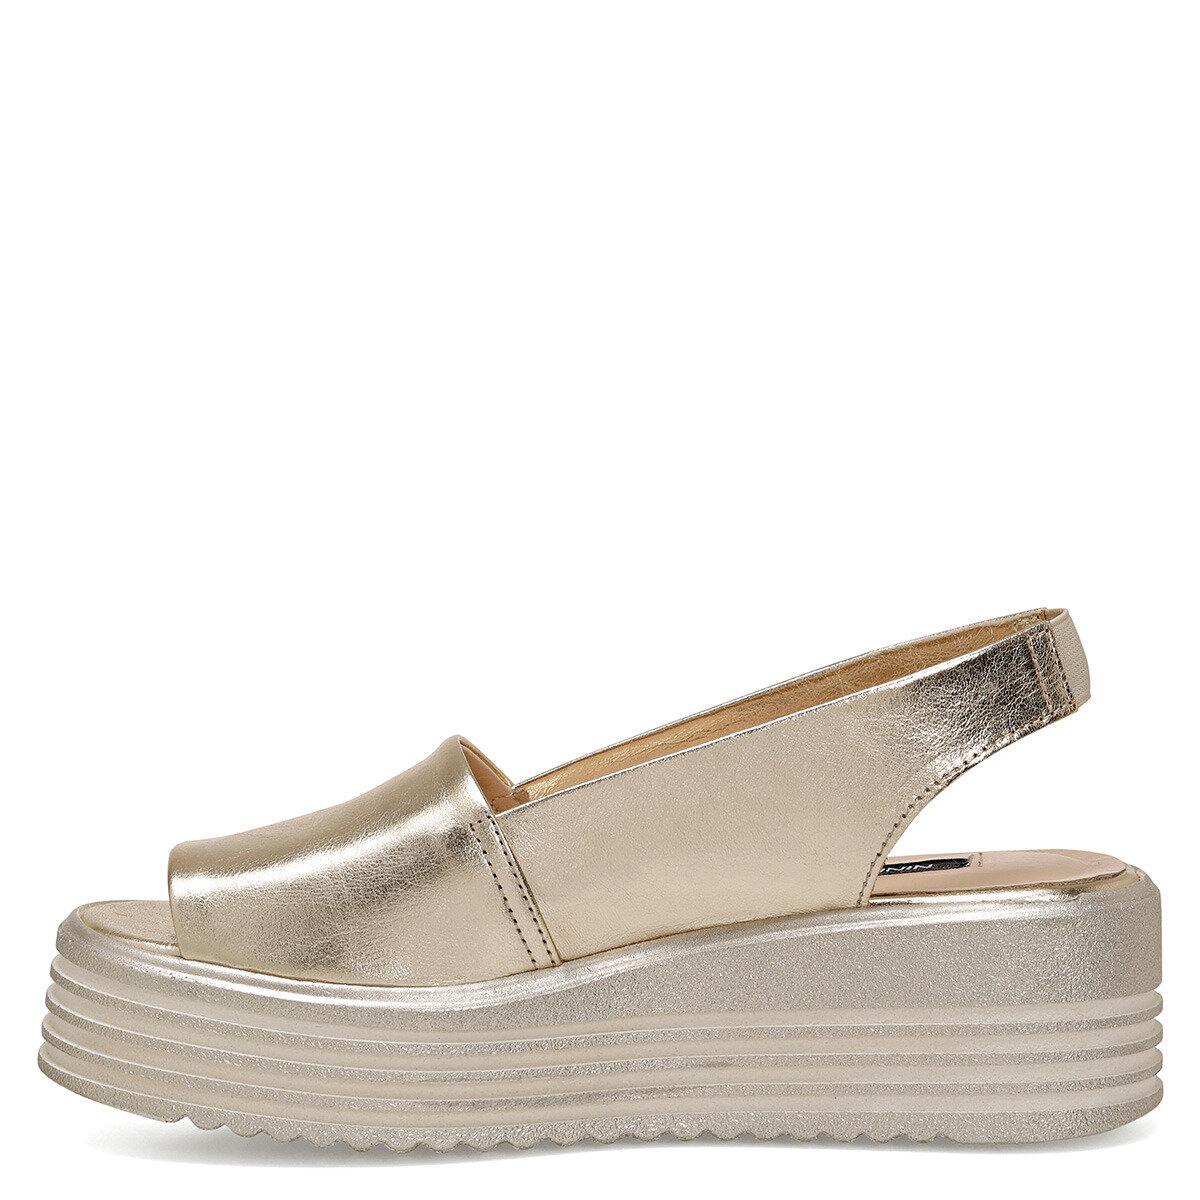 KADIE Altın Kadın Dolgu Topuklu Sandalet